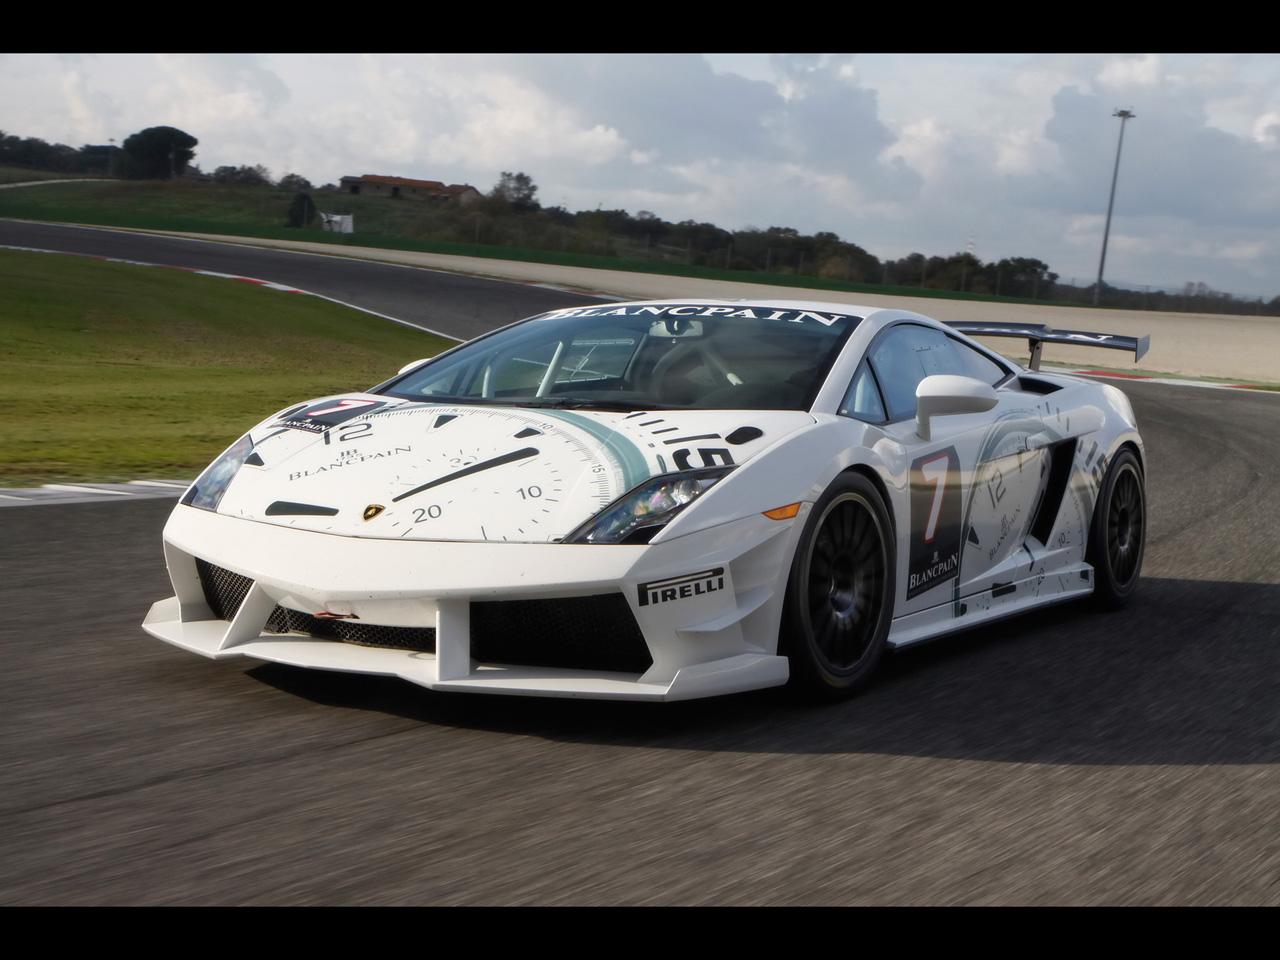 Les marques de montres et l'automobile 2009-Lamborghini-Blancpain-Super-Trofeo-White-Front-Angle-Speed-1280x960